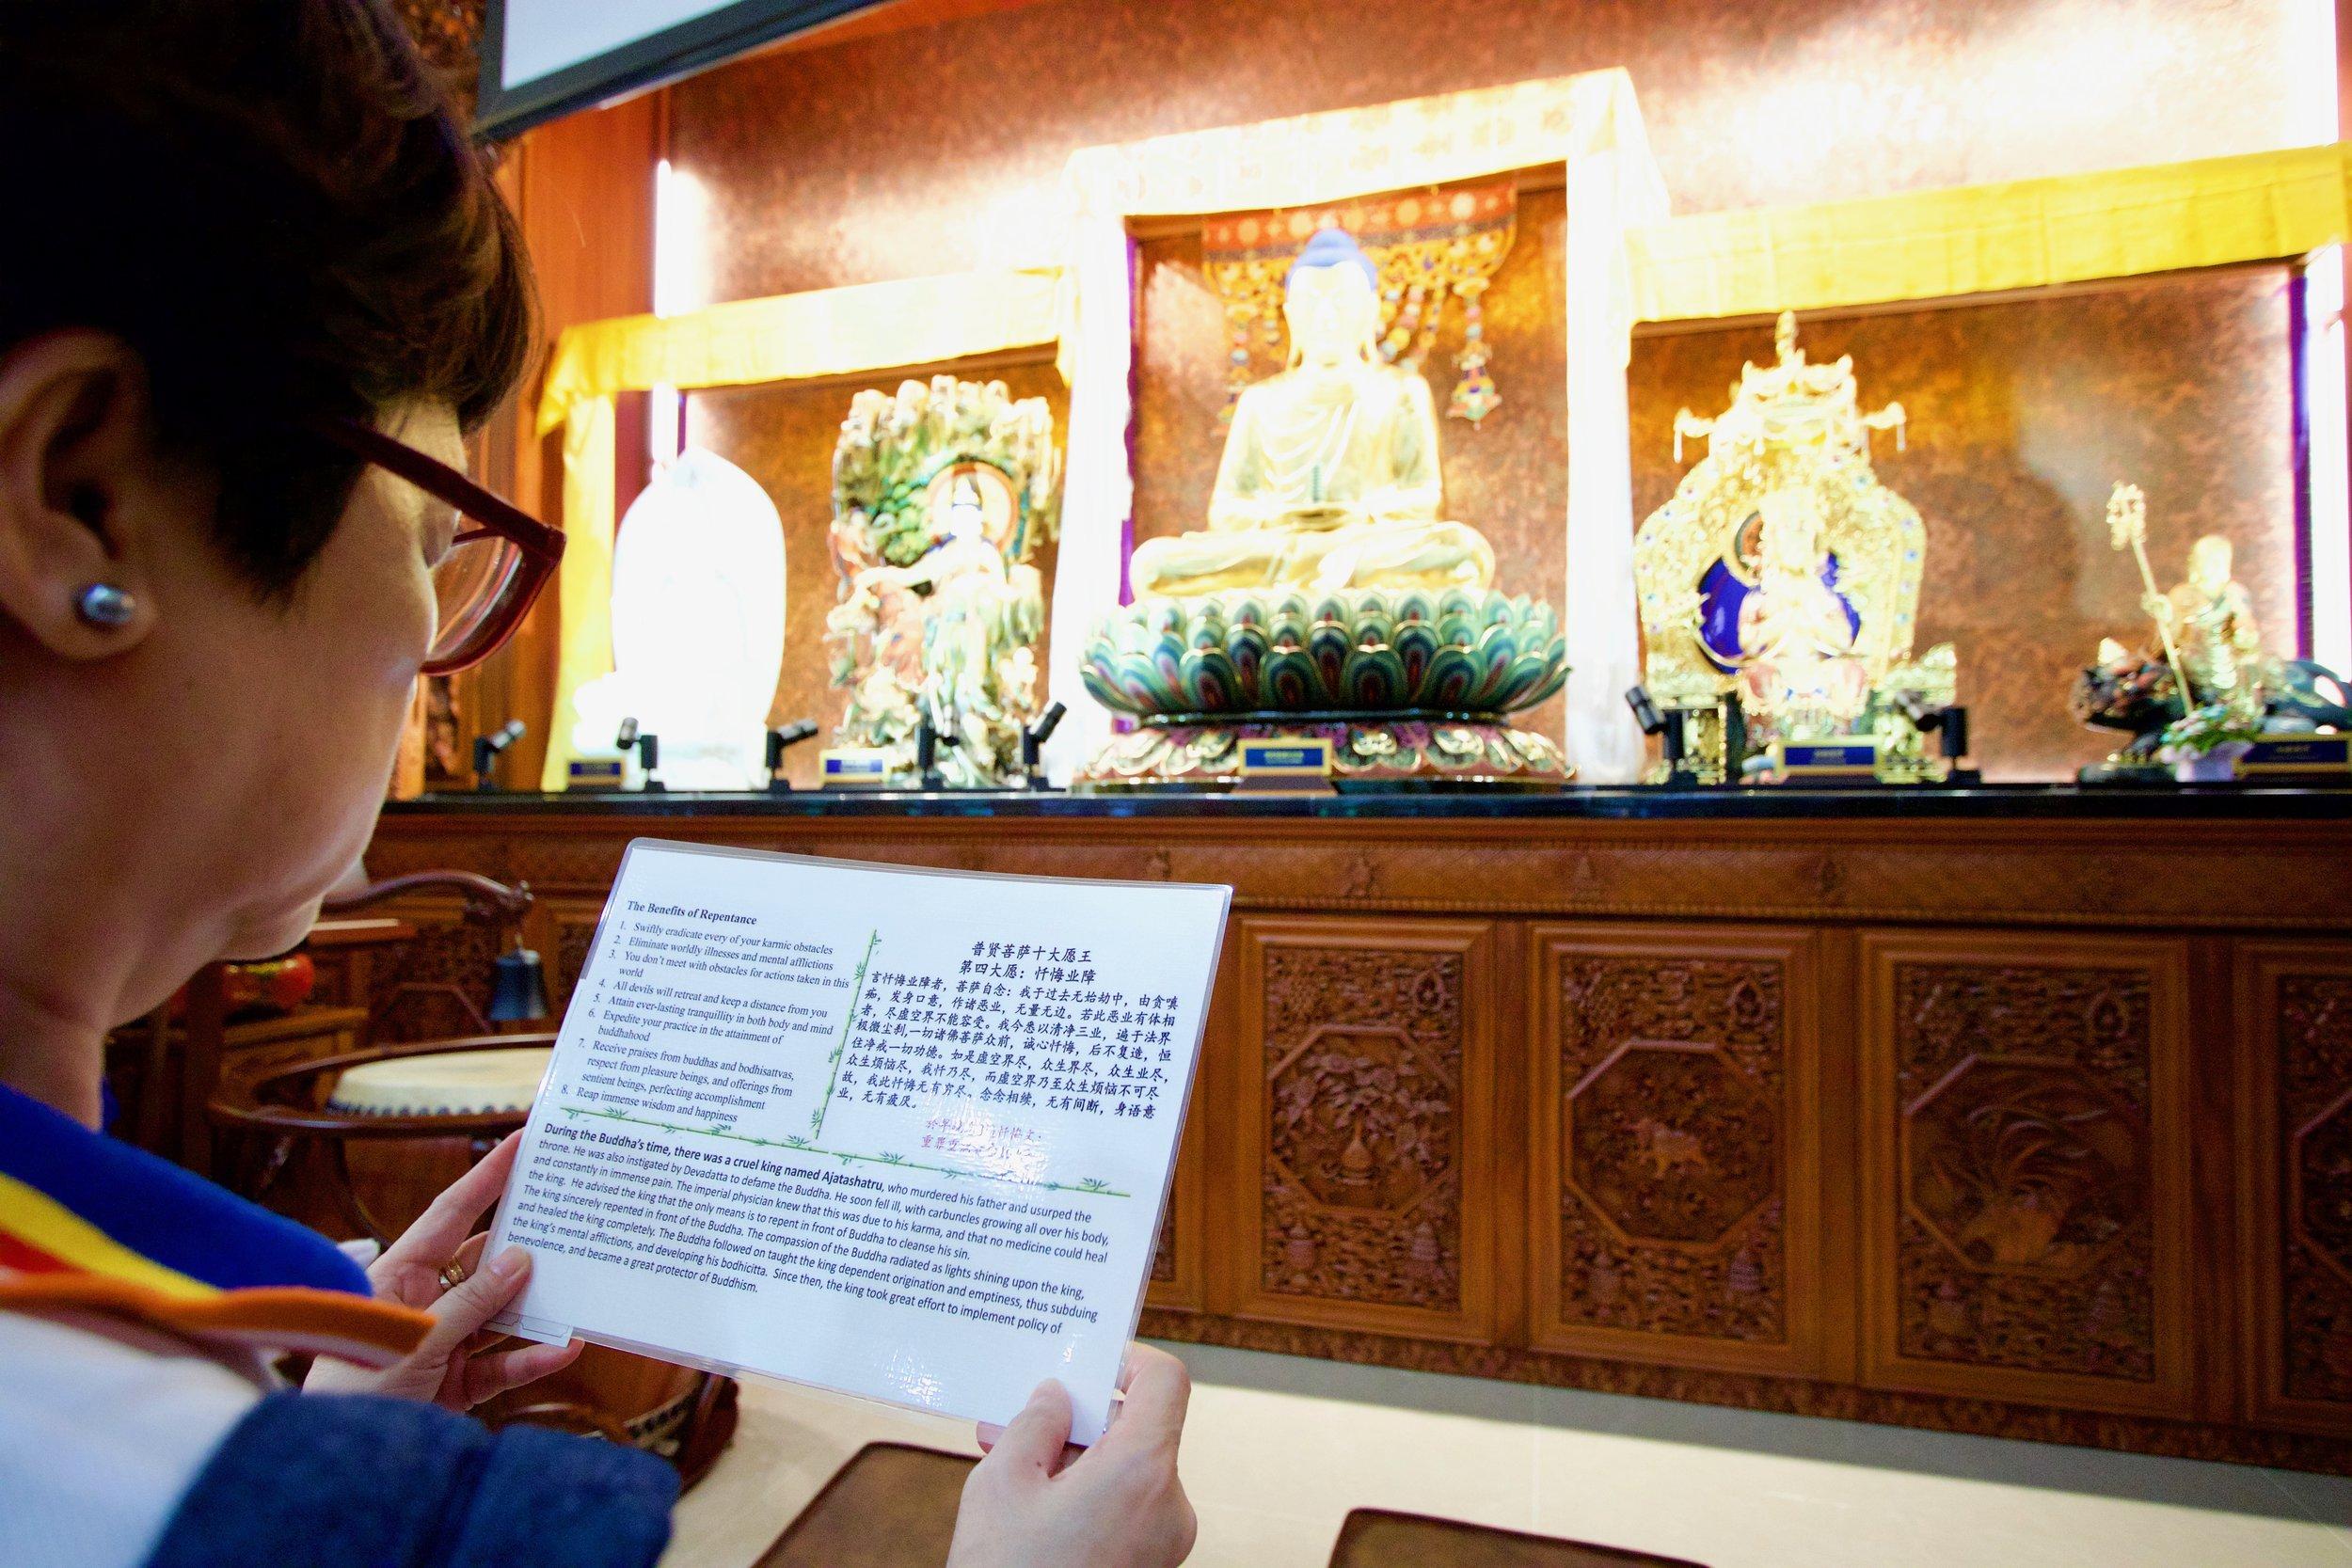 第四站忏悔业障——在扇子上以双语提醒平日易犯的过失,在佛前读诵忏悔文消除罪障。